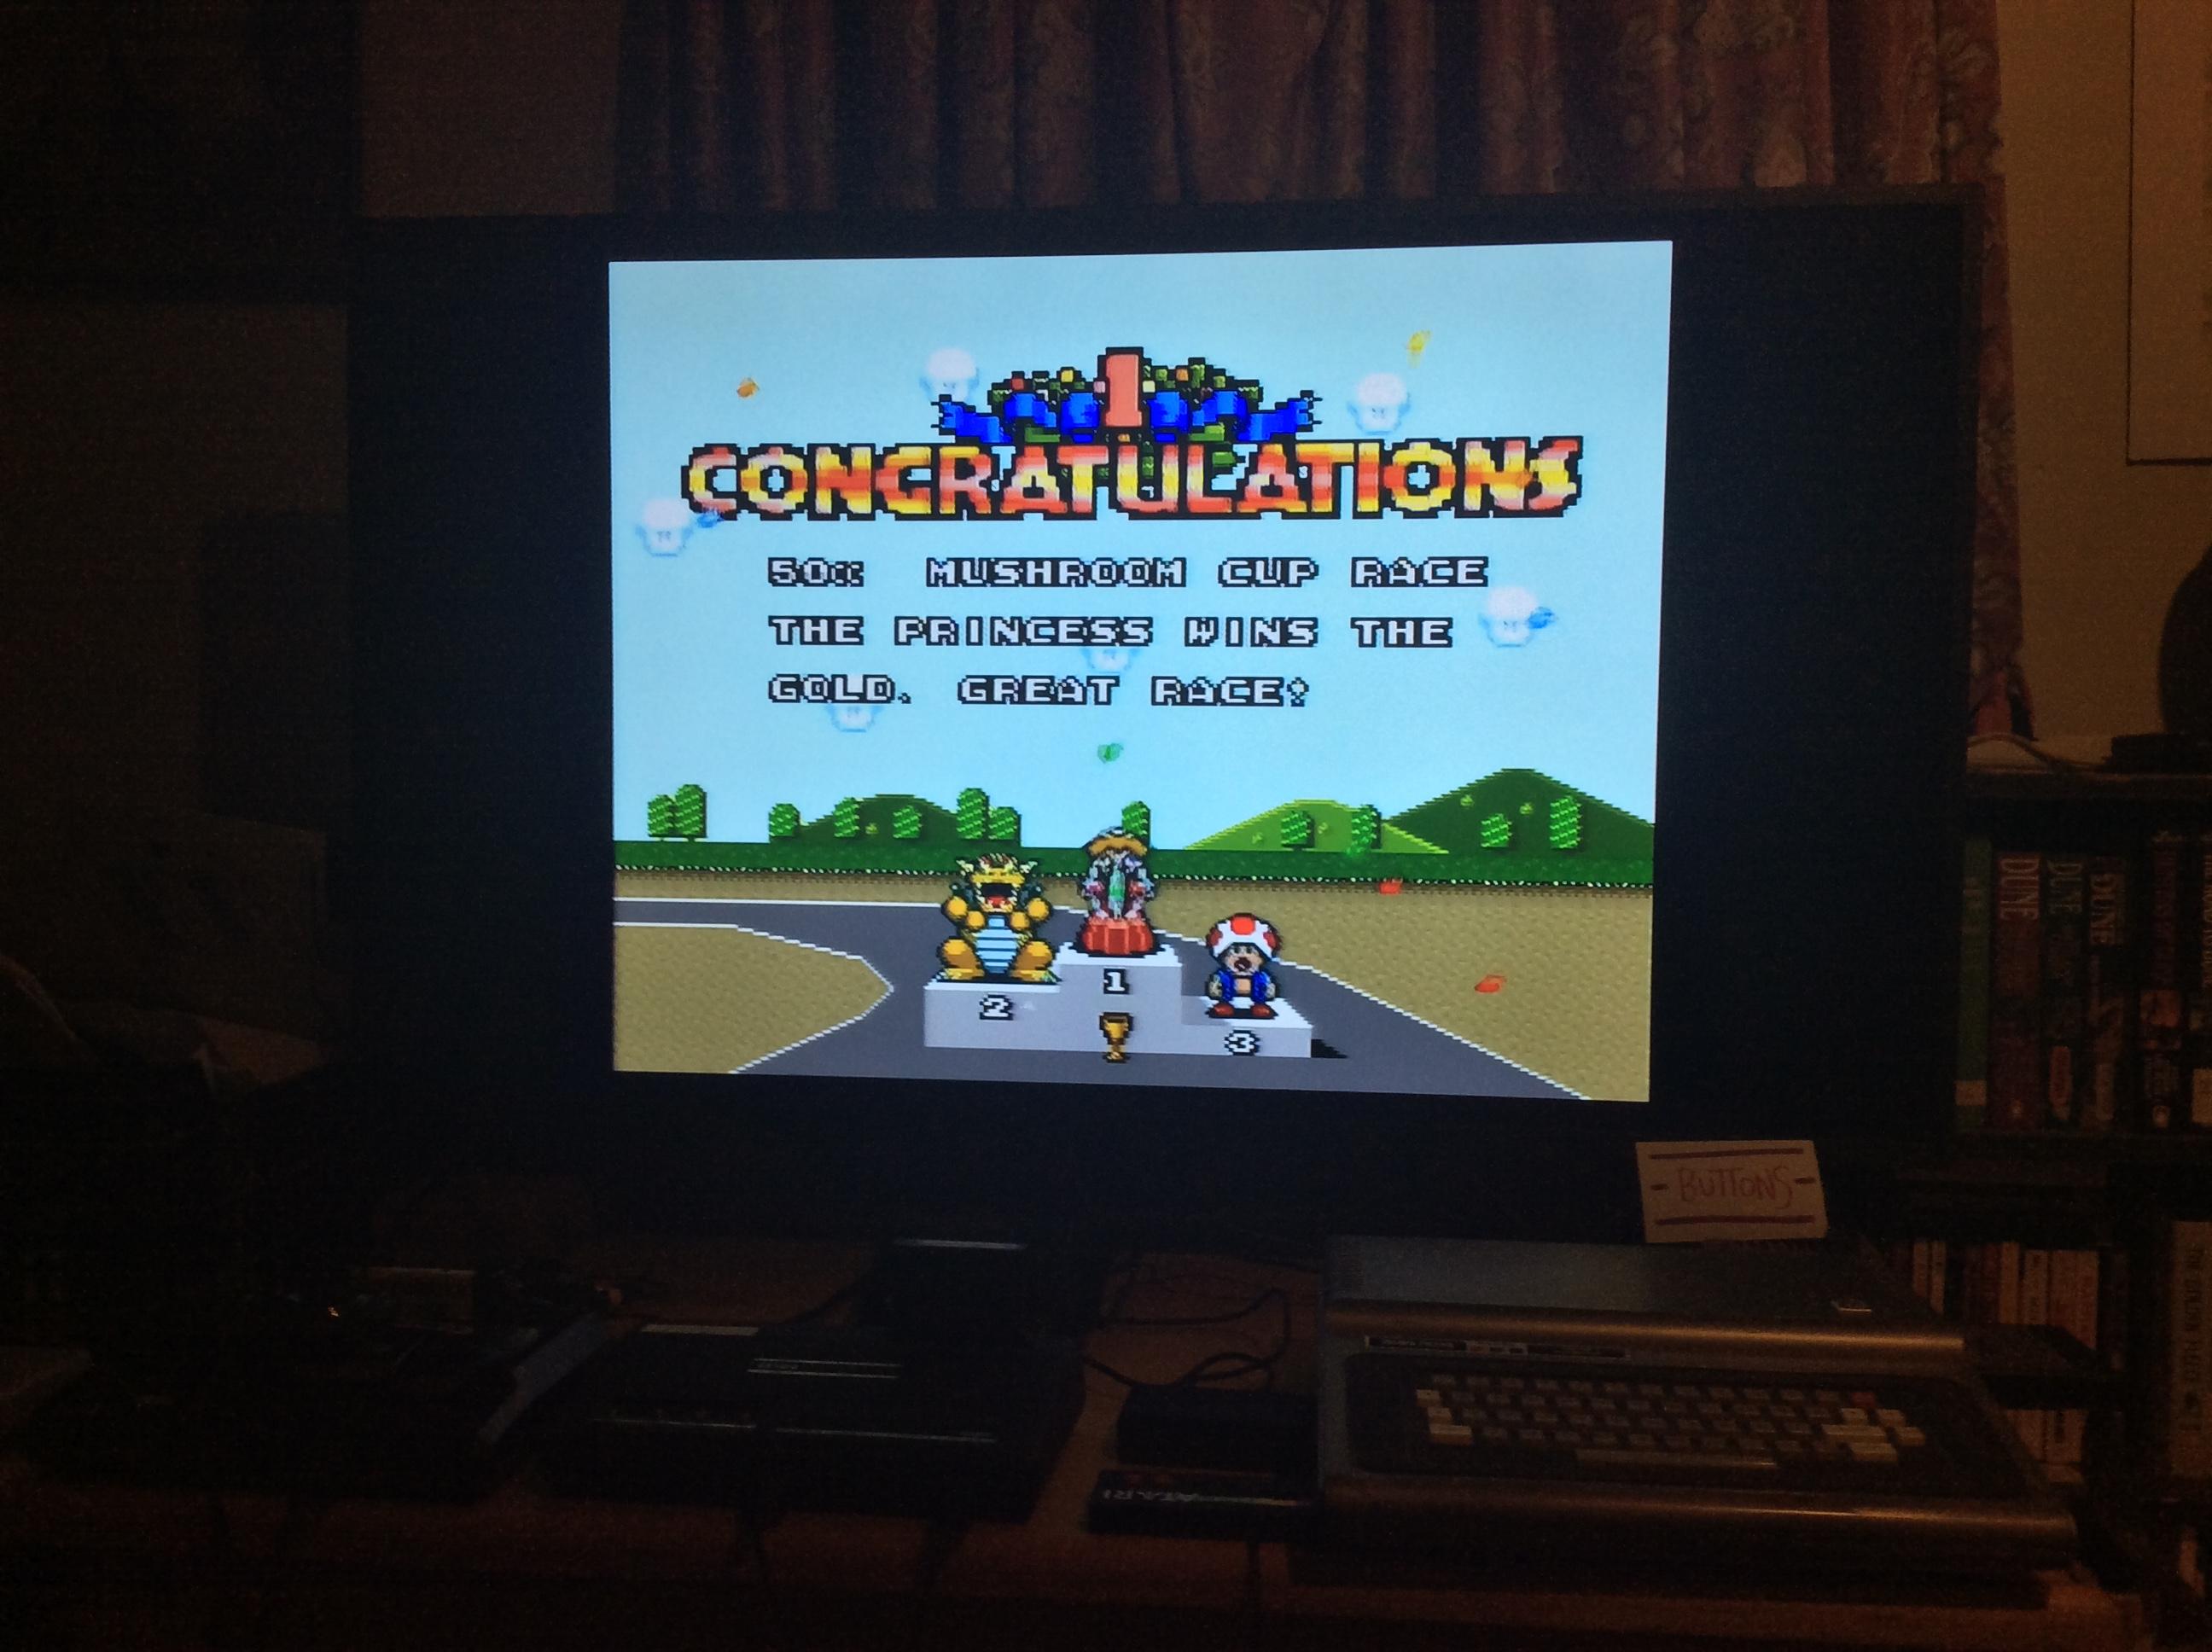 Super Mario Kart [Mushroom Cup: Mario Circuit 2: 50CC] time of 0:01:46.19